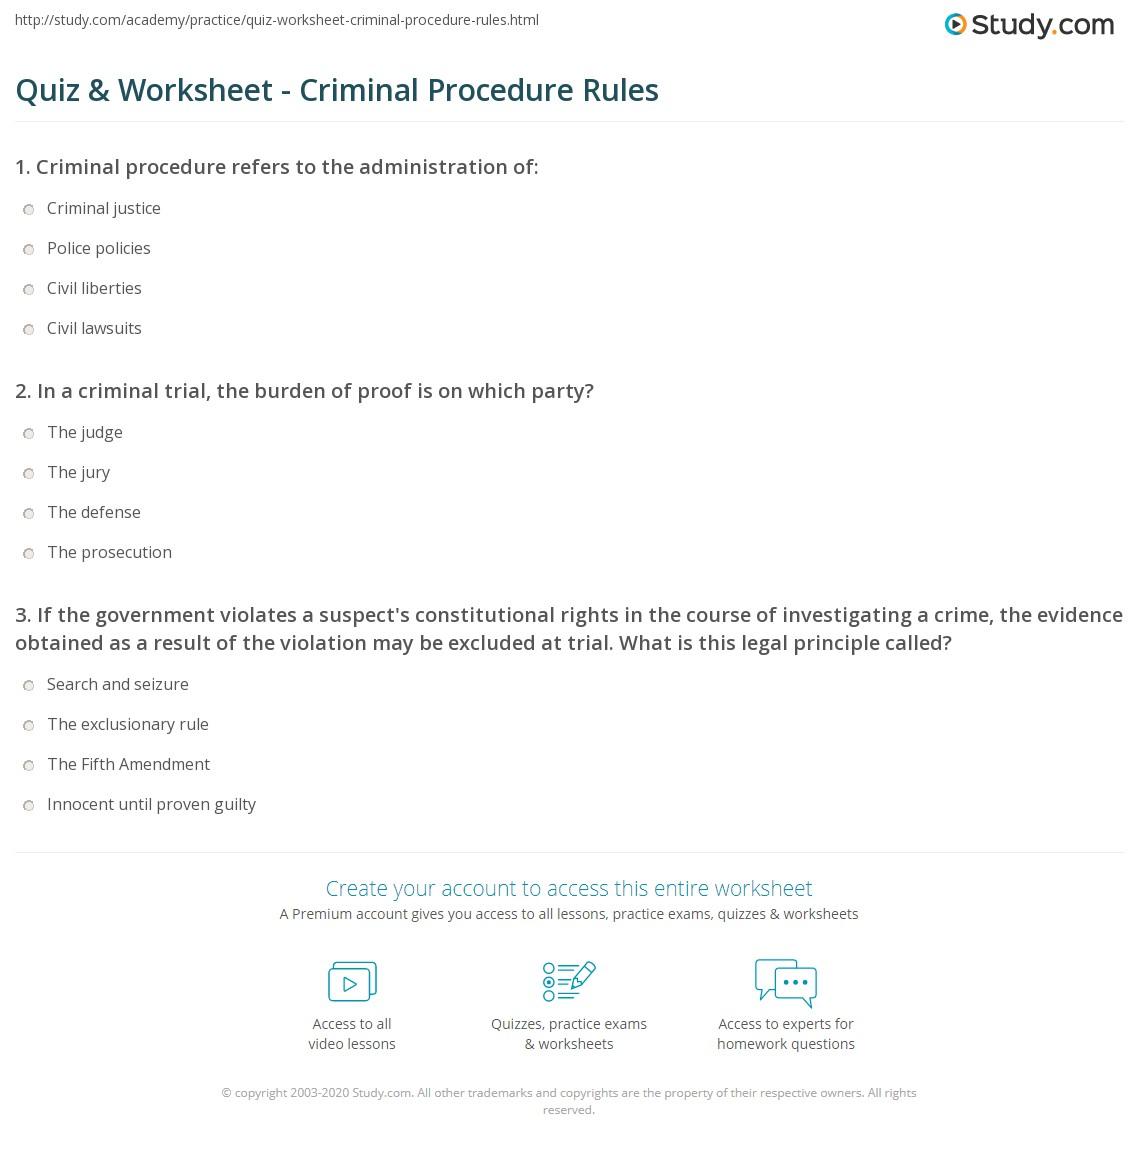 quiz worksheet criminal procedure rules. Black Bedroom Furniture Sets. Home Design Ideas